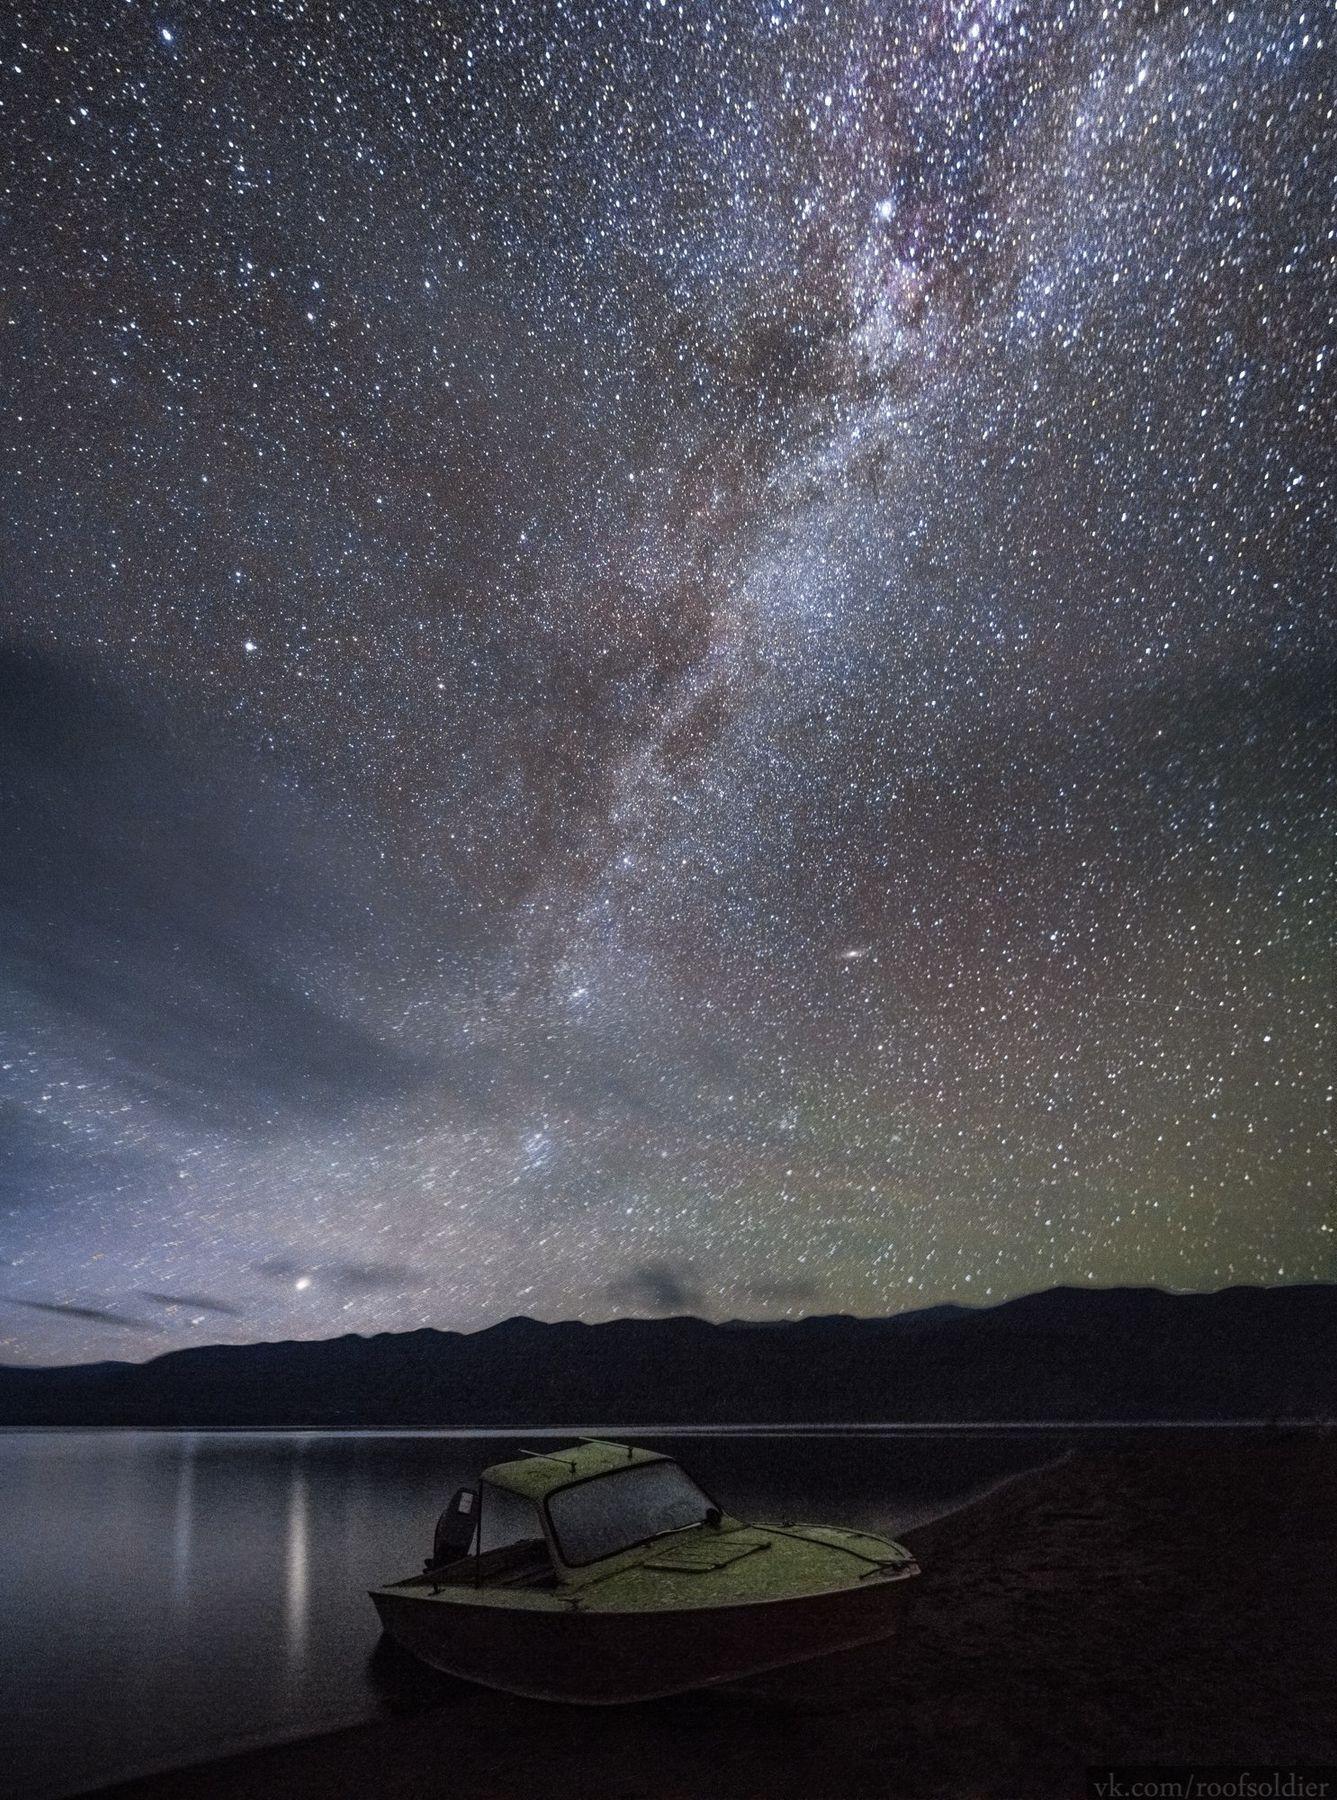 Алтайское небо Алтай пейзаж Россия природа звёзды млечный путь ночь ночной небо звёздное озеро лодка